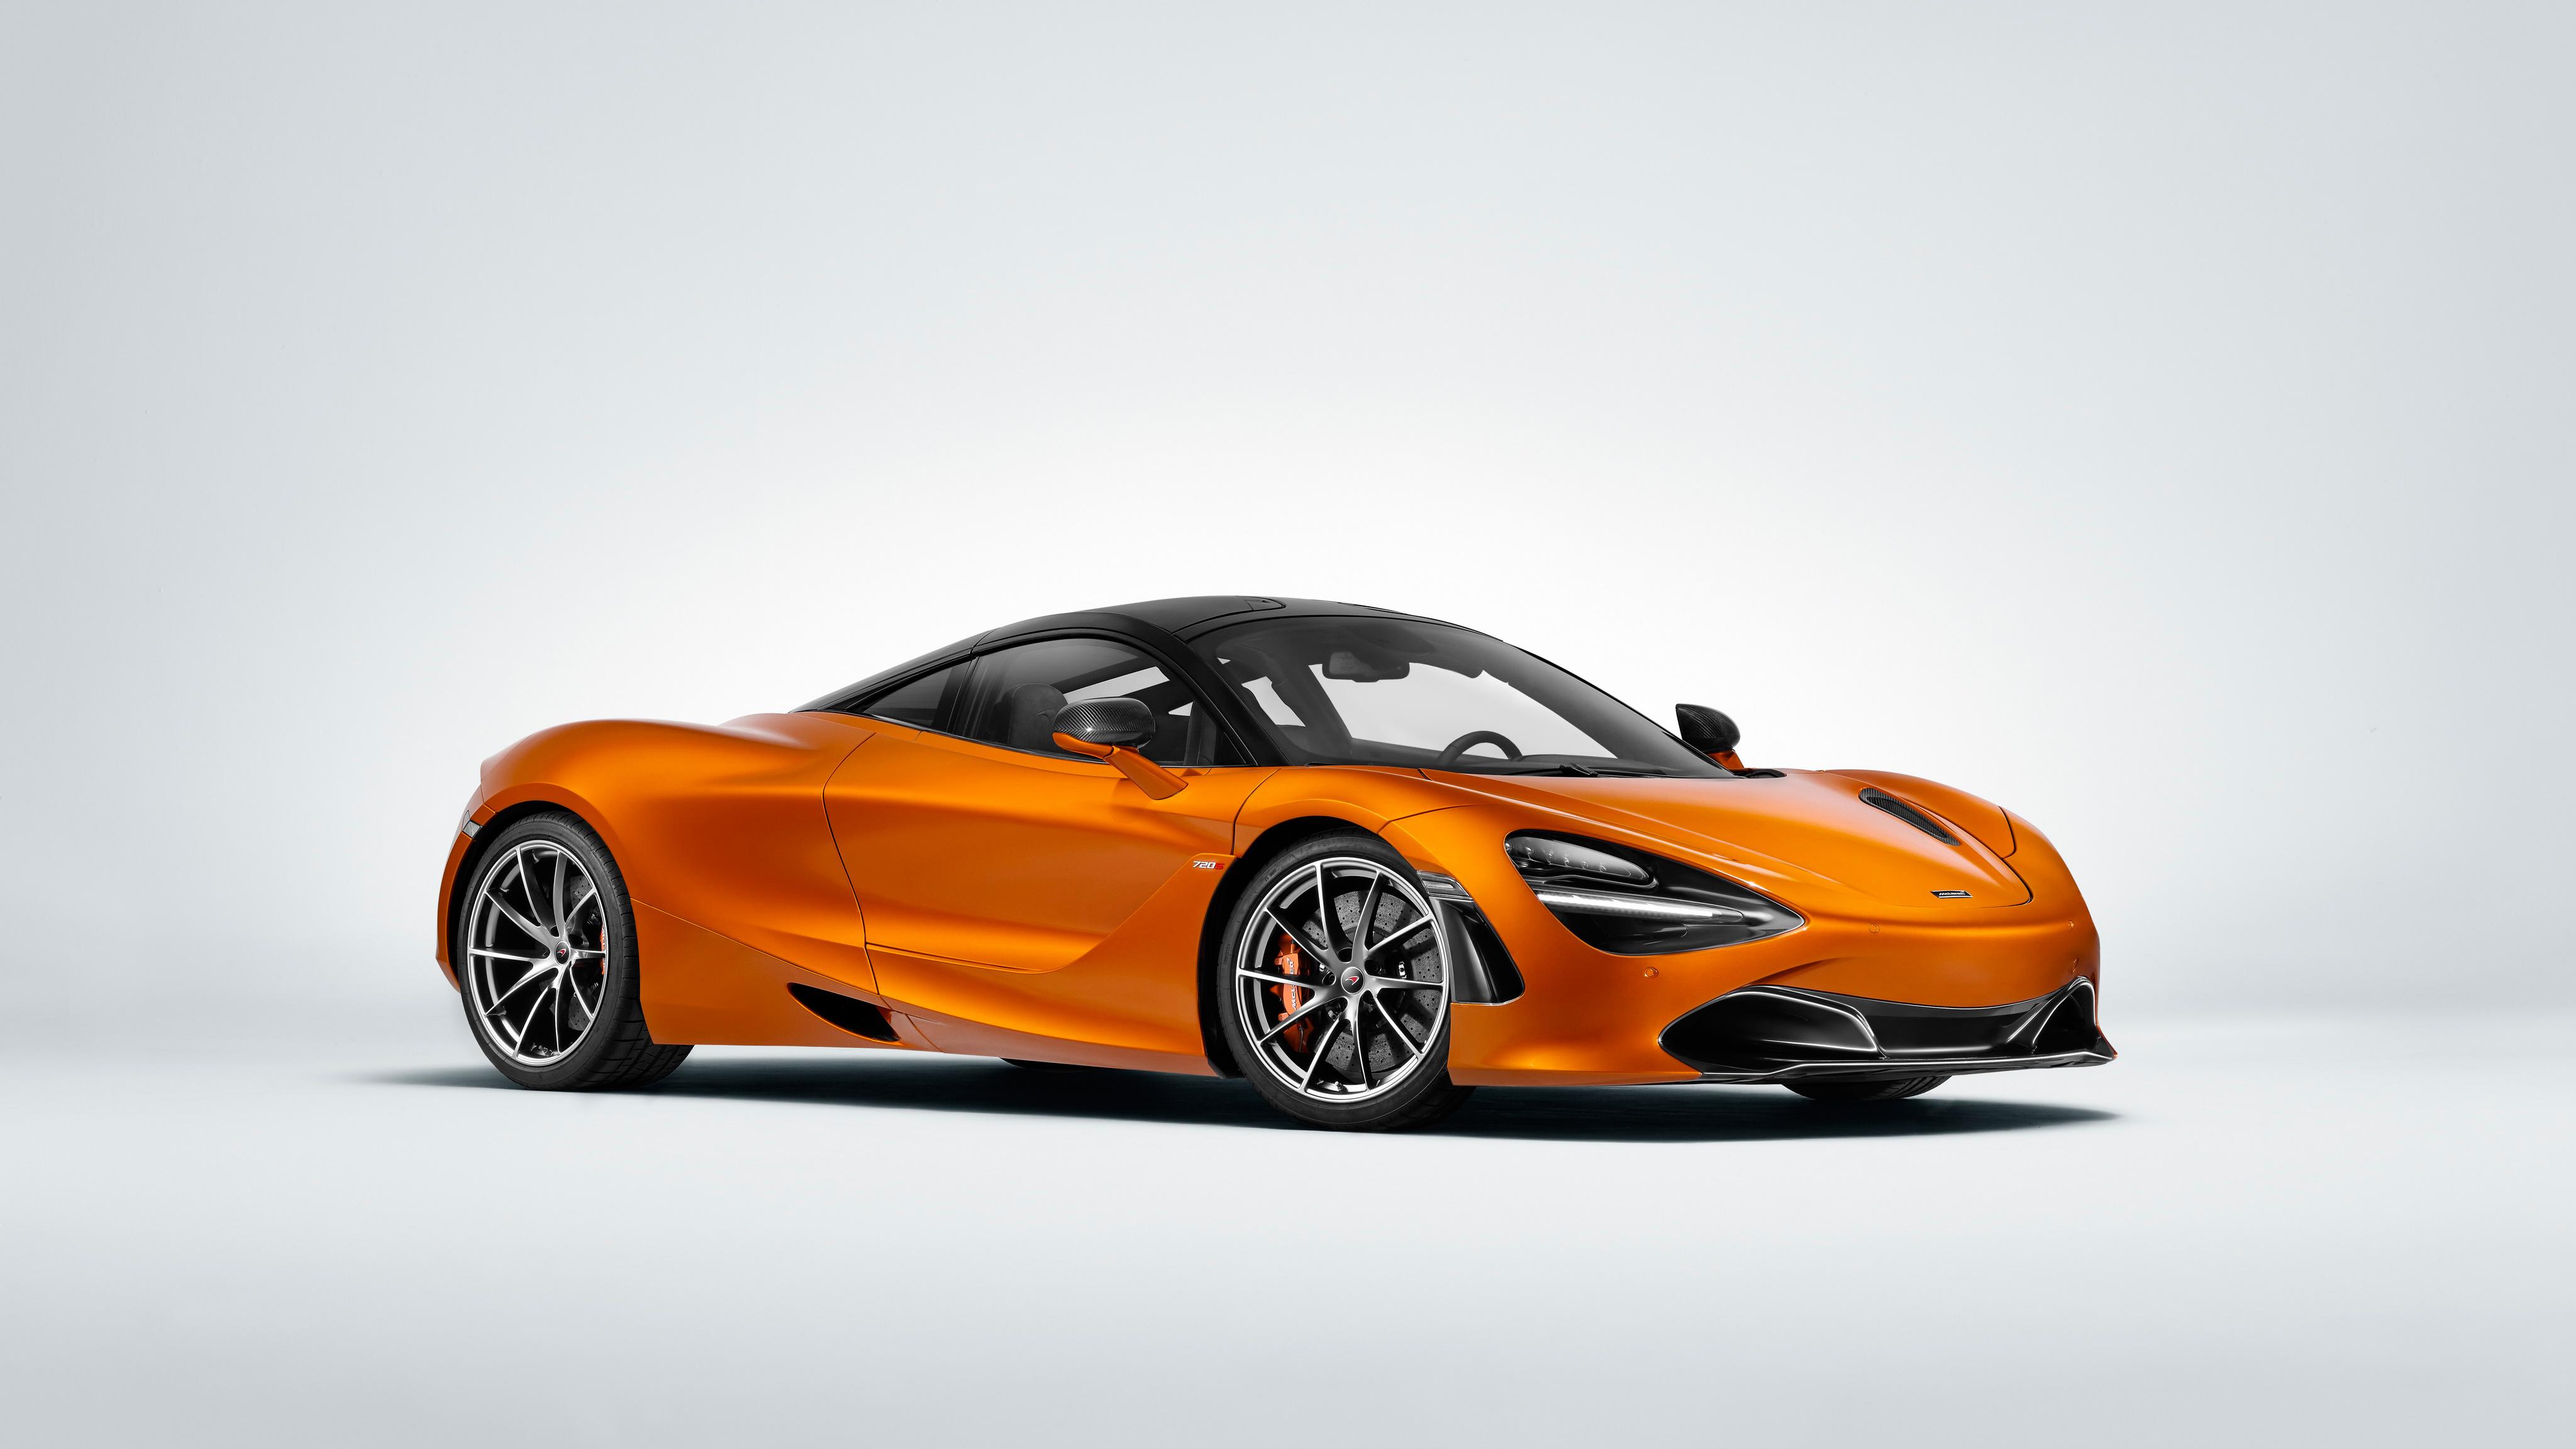 2018 McLaren 720S - Top | HD Wallpaper #23